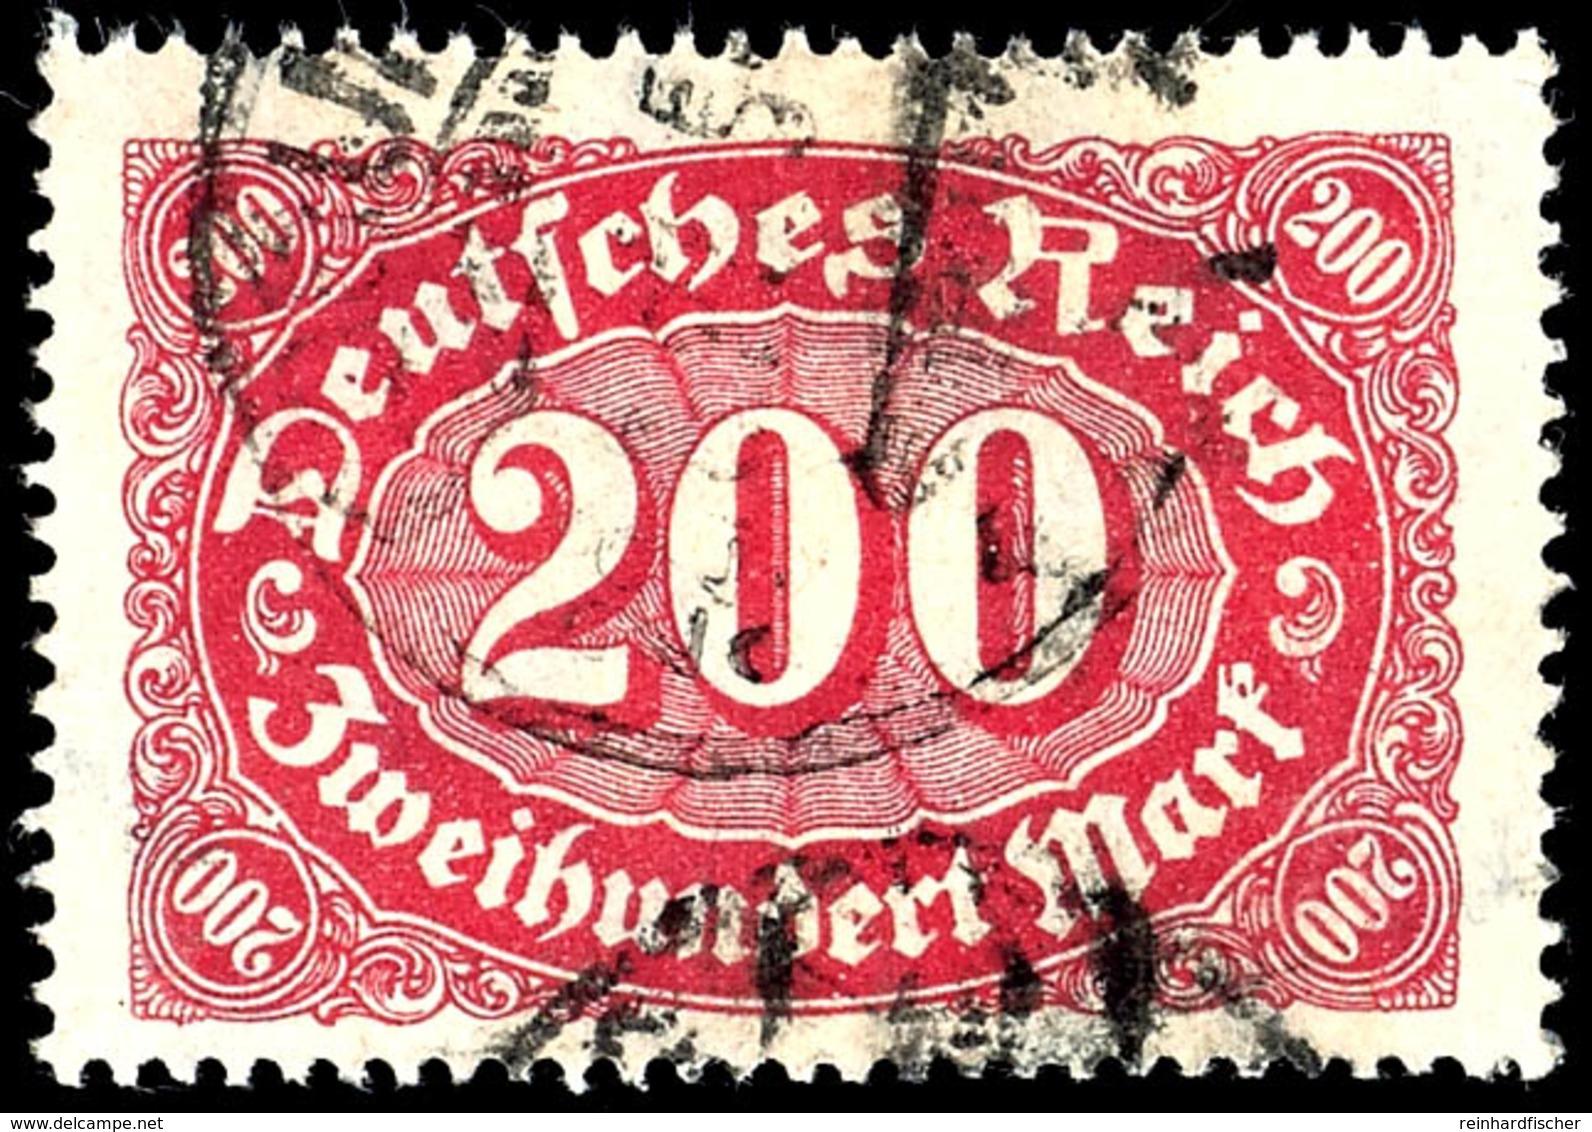 """200 Mark Queroffset, A-Farbe, Plattenfehler I """"letztes S In Deutsches Mit Haken"""", Gestempelt """"COBURG 22.3.23"""", Tadellose - Germany"""